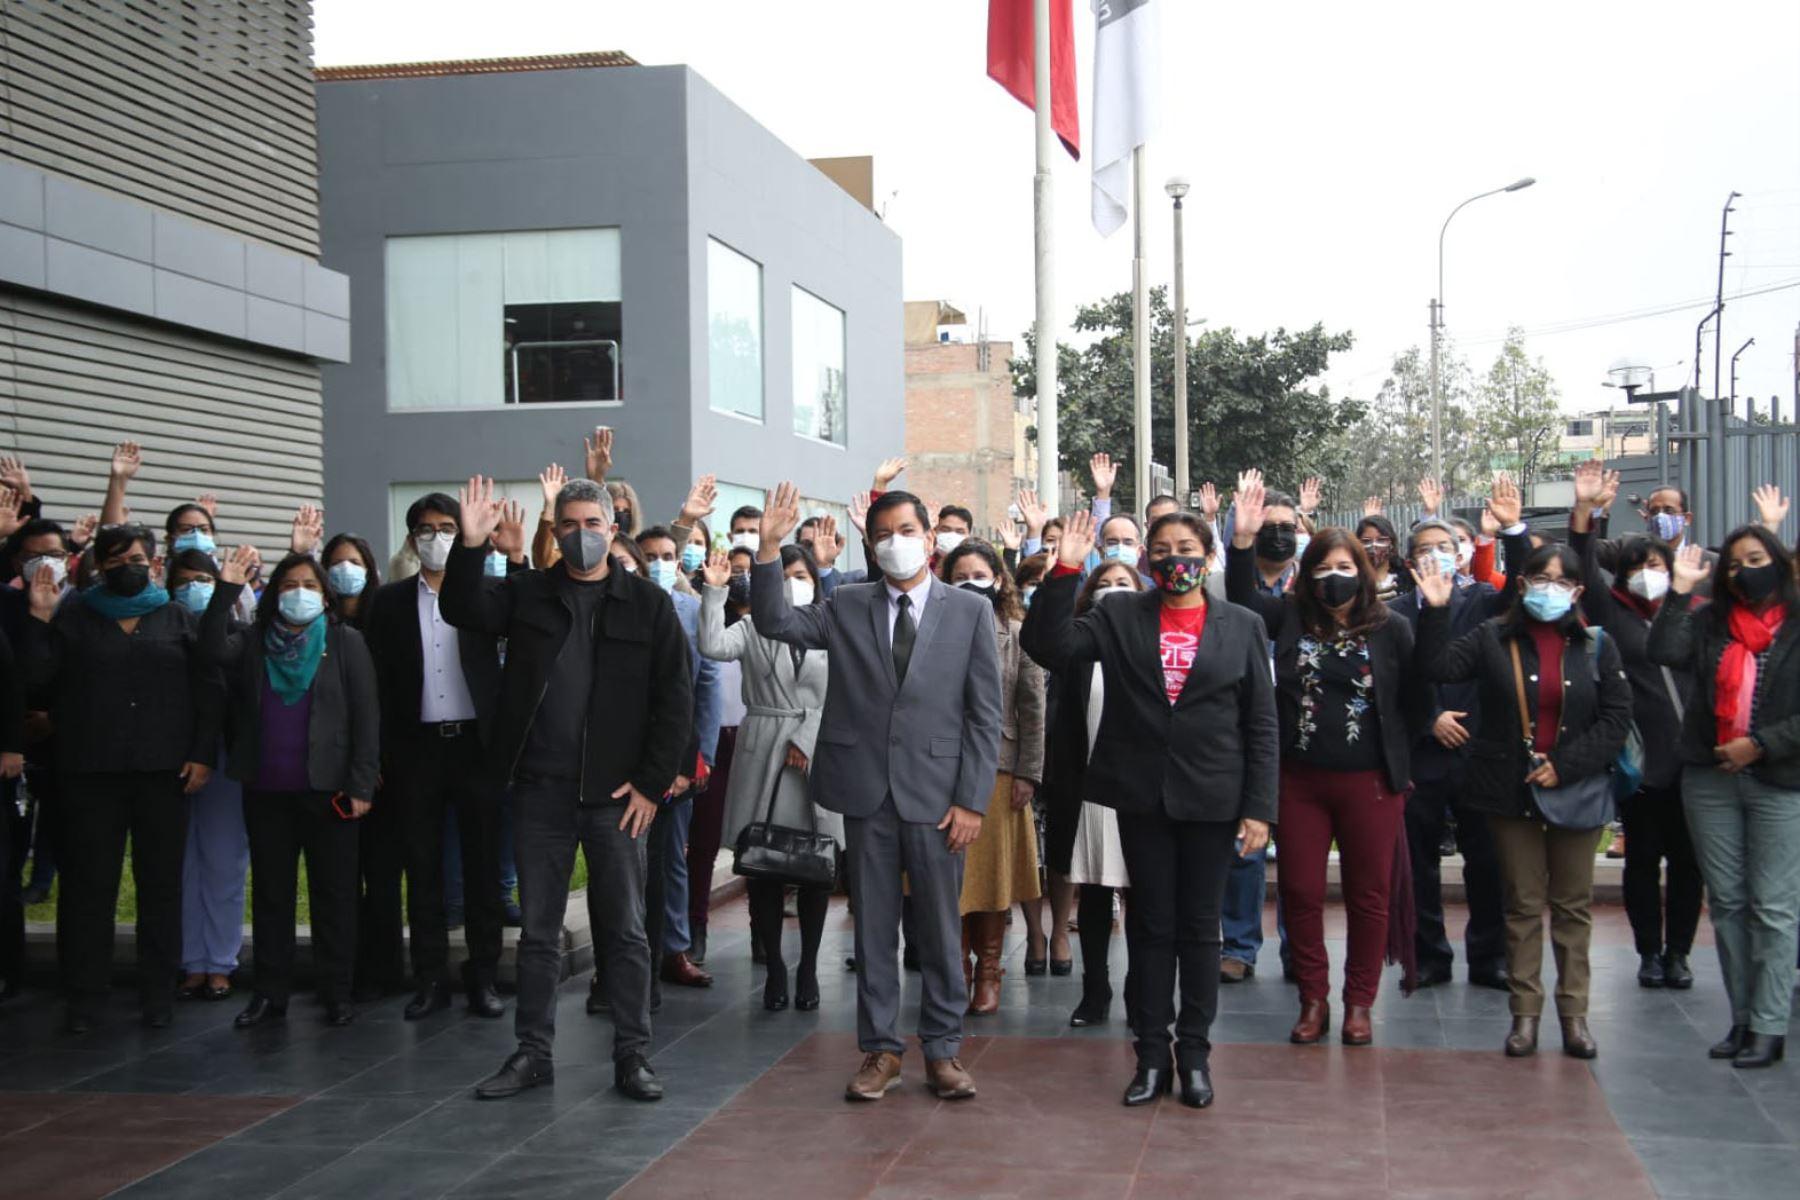 El ministro de Educación, Juan Cadillo, saludó a los trabajadores del MINEDU. Durante la ceremonia también participó el exministro Ricardo Cuenca, quien se despidió de los equipos de trabajo y brindó sus mejores deseos a la nueva gestión. Foto: MINEDU